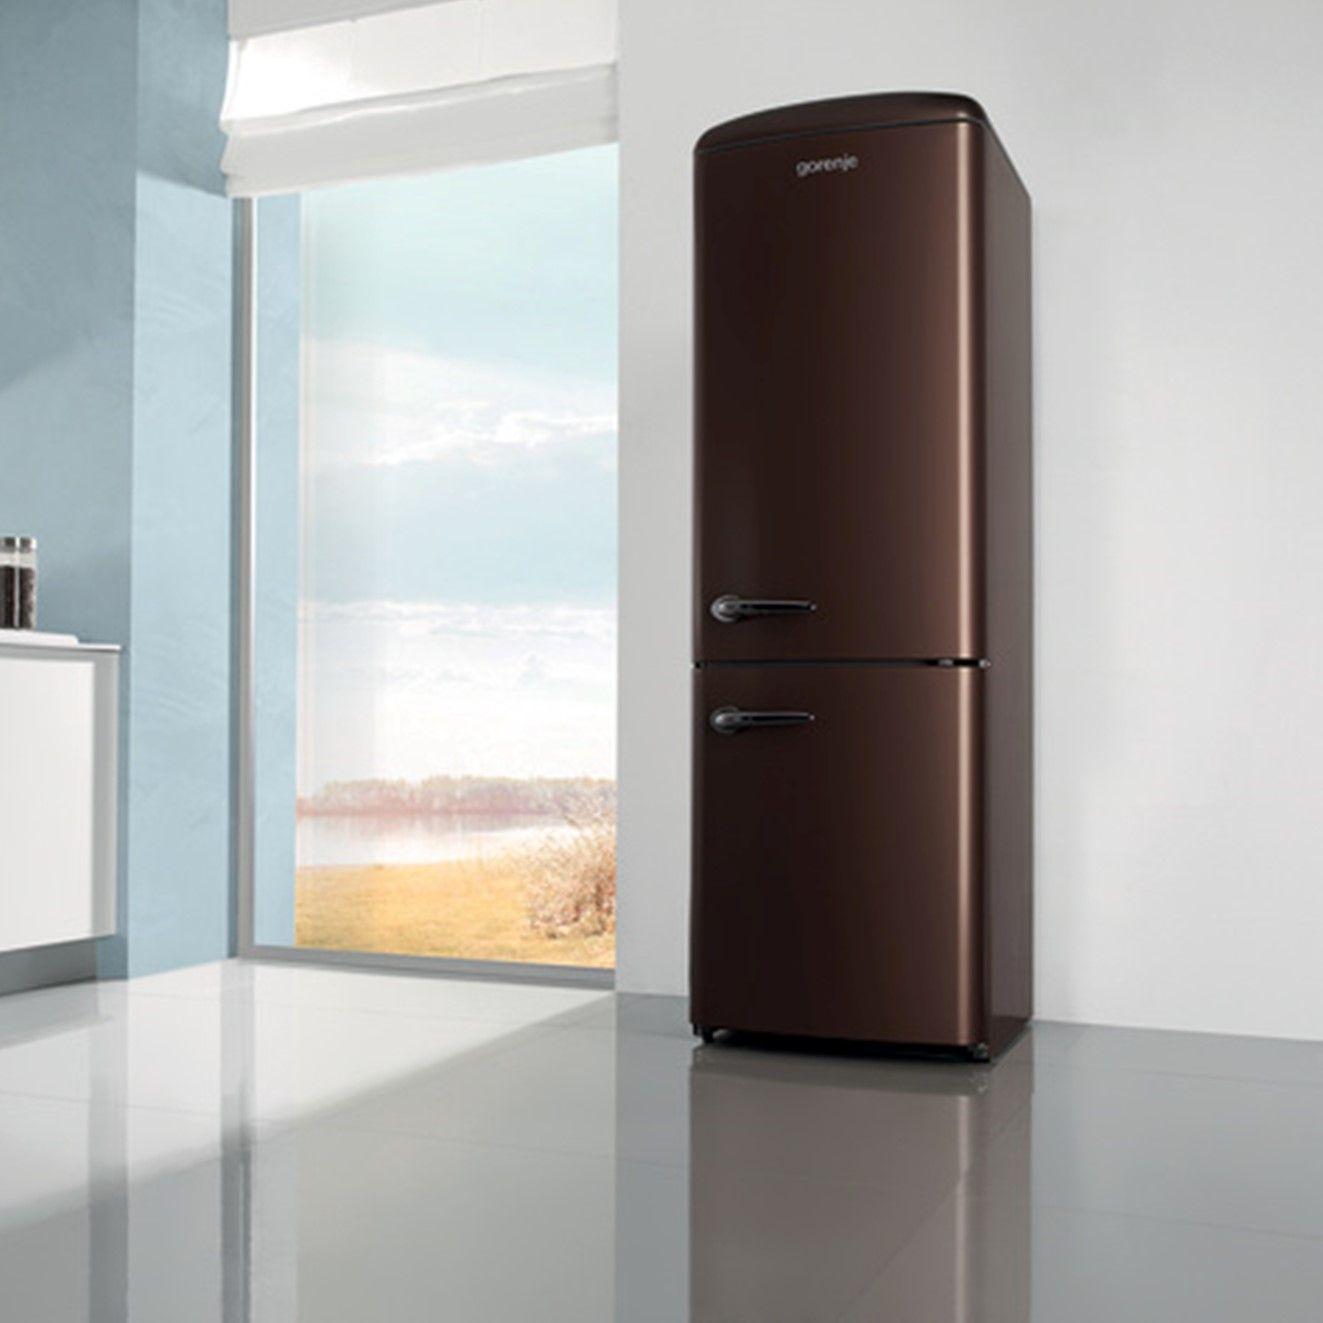 Gorenje De réfrigérateur couleur chocolat de la marque gorenje gorenje